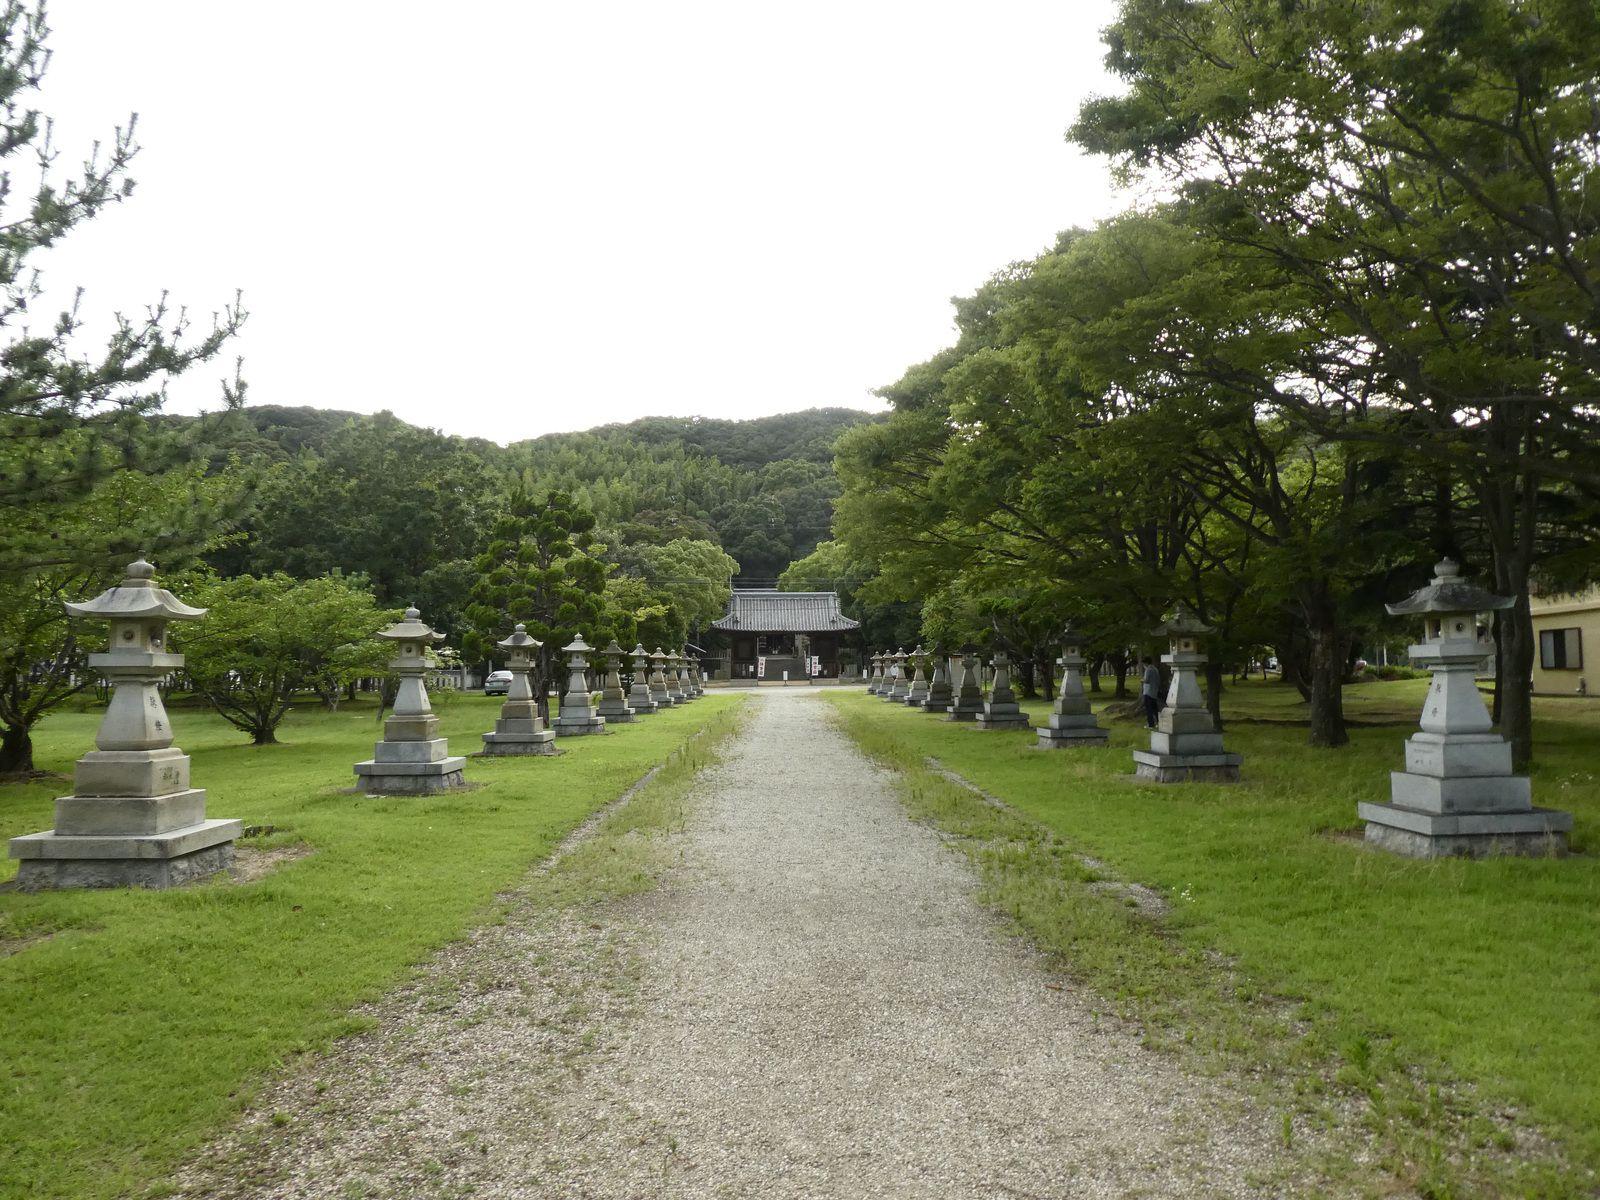 Préf. de Hyôgo : île d'Awaji : Hanasajiki l'été